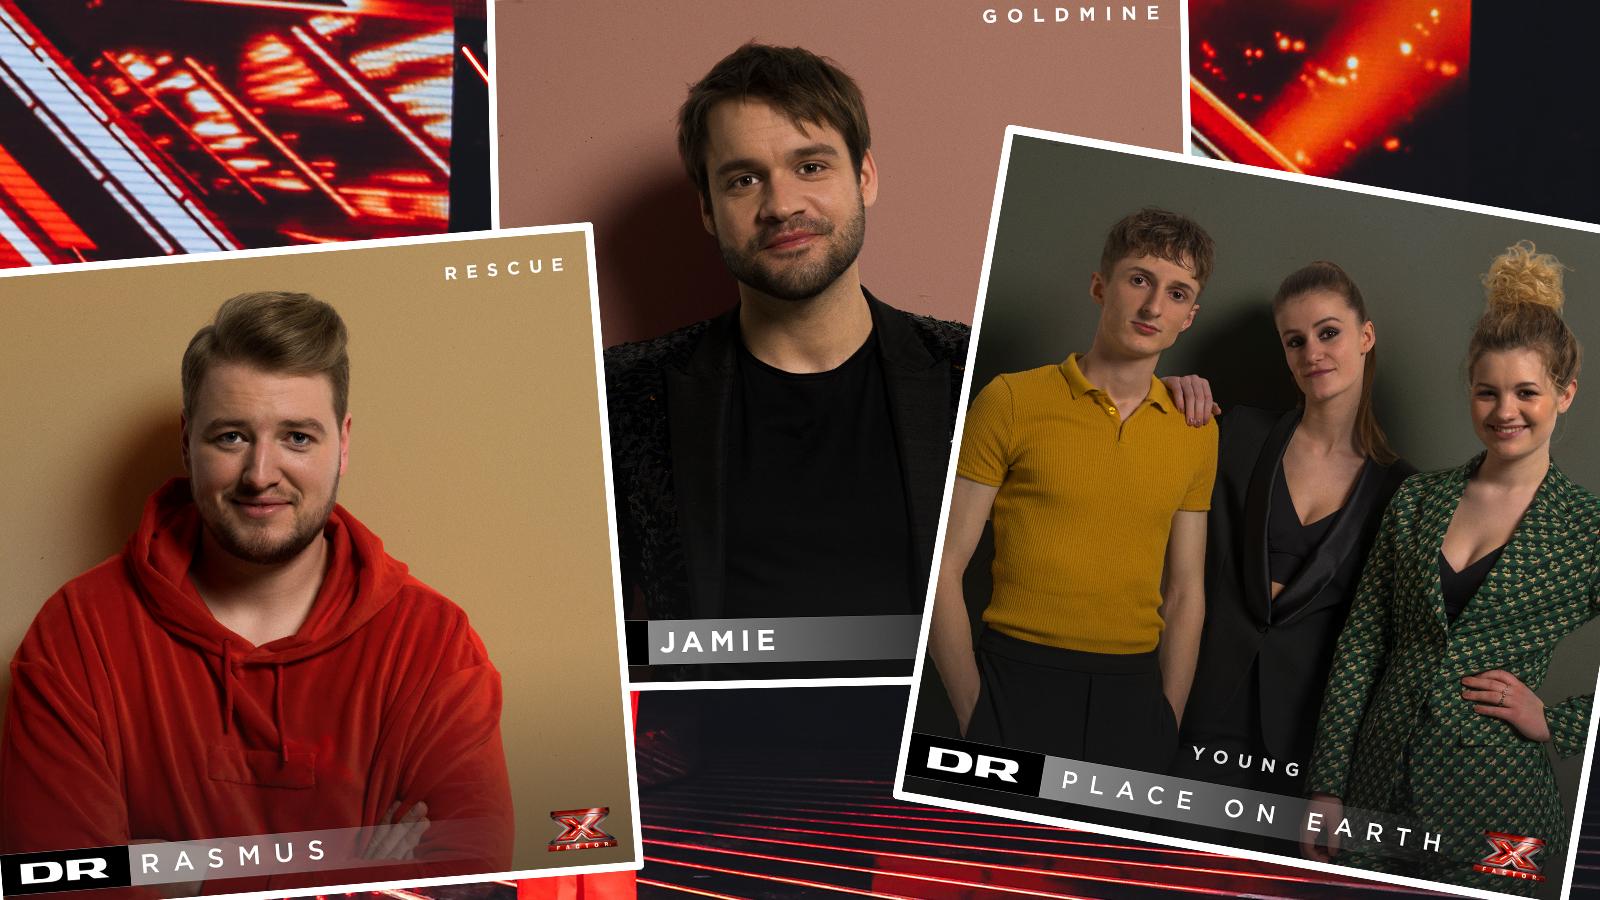 Rasmus, Jamie, POE